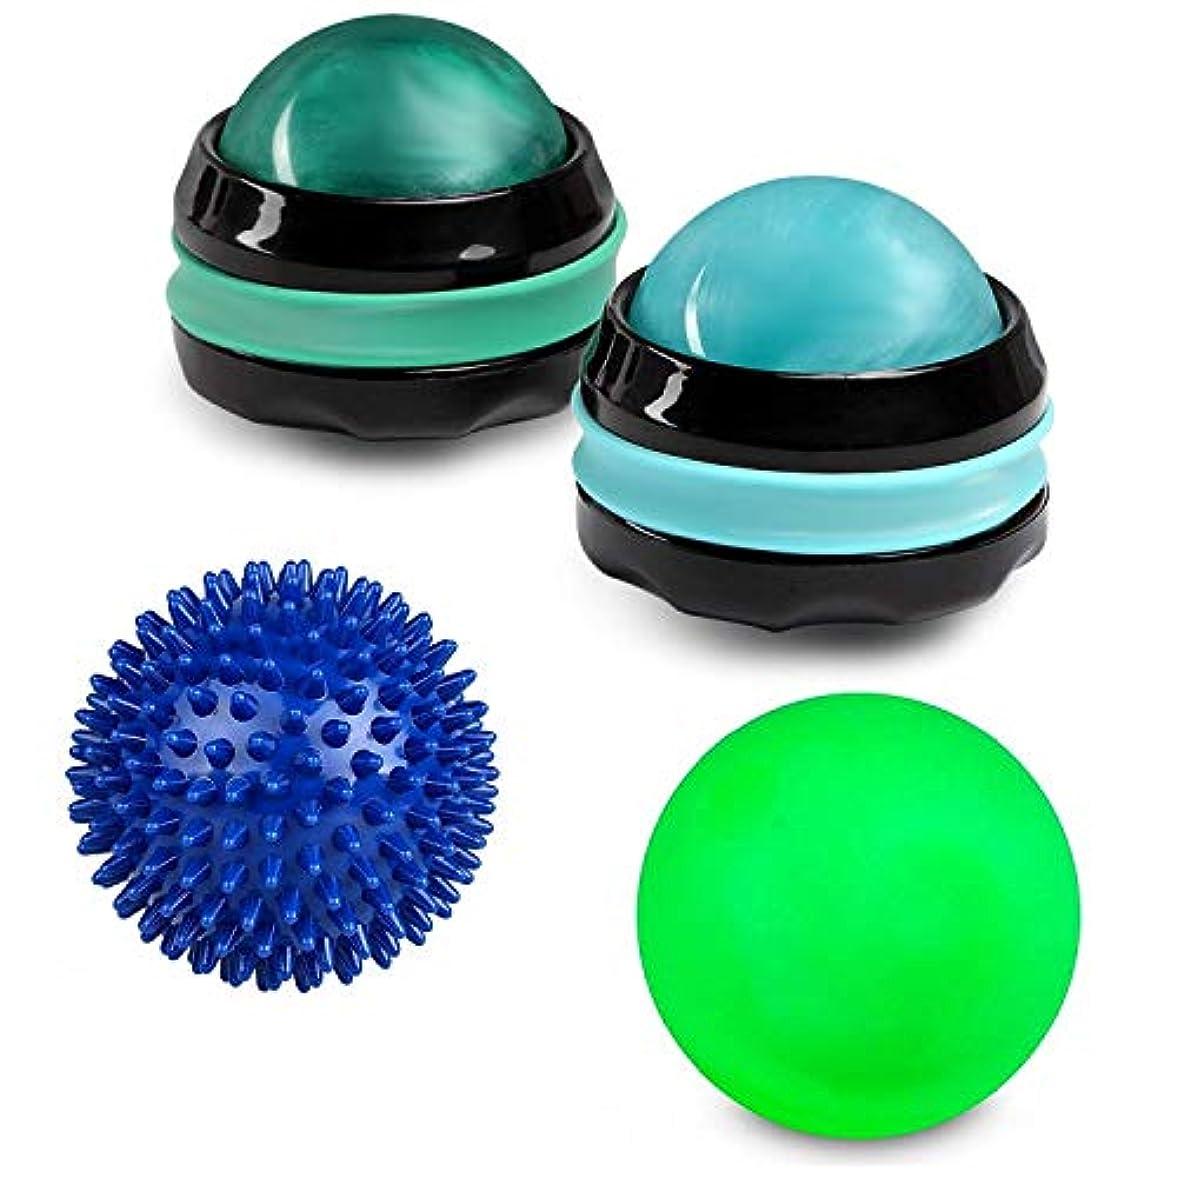 と染色寸前Massage Ball Set - Foot Body Back Leg Neck Hand Rejuvenation Therapy Roller Massager Therapy (Bundle: 1 Lacrosse...